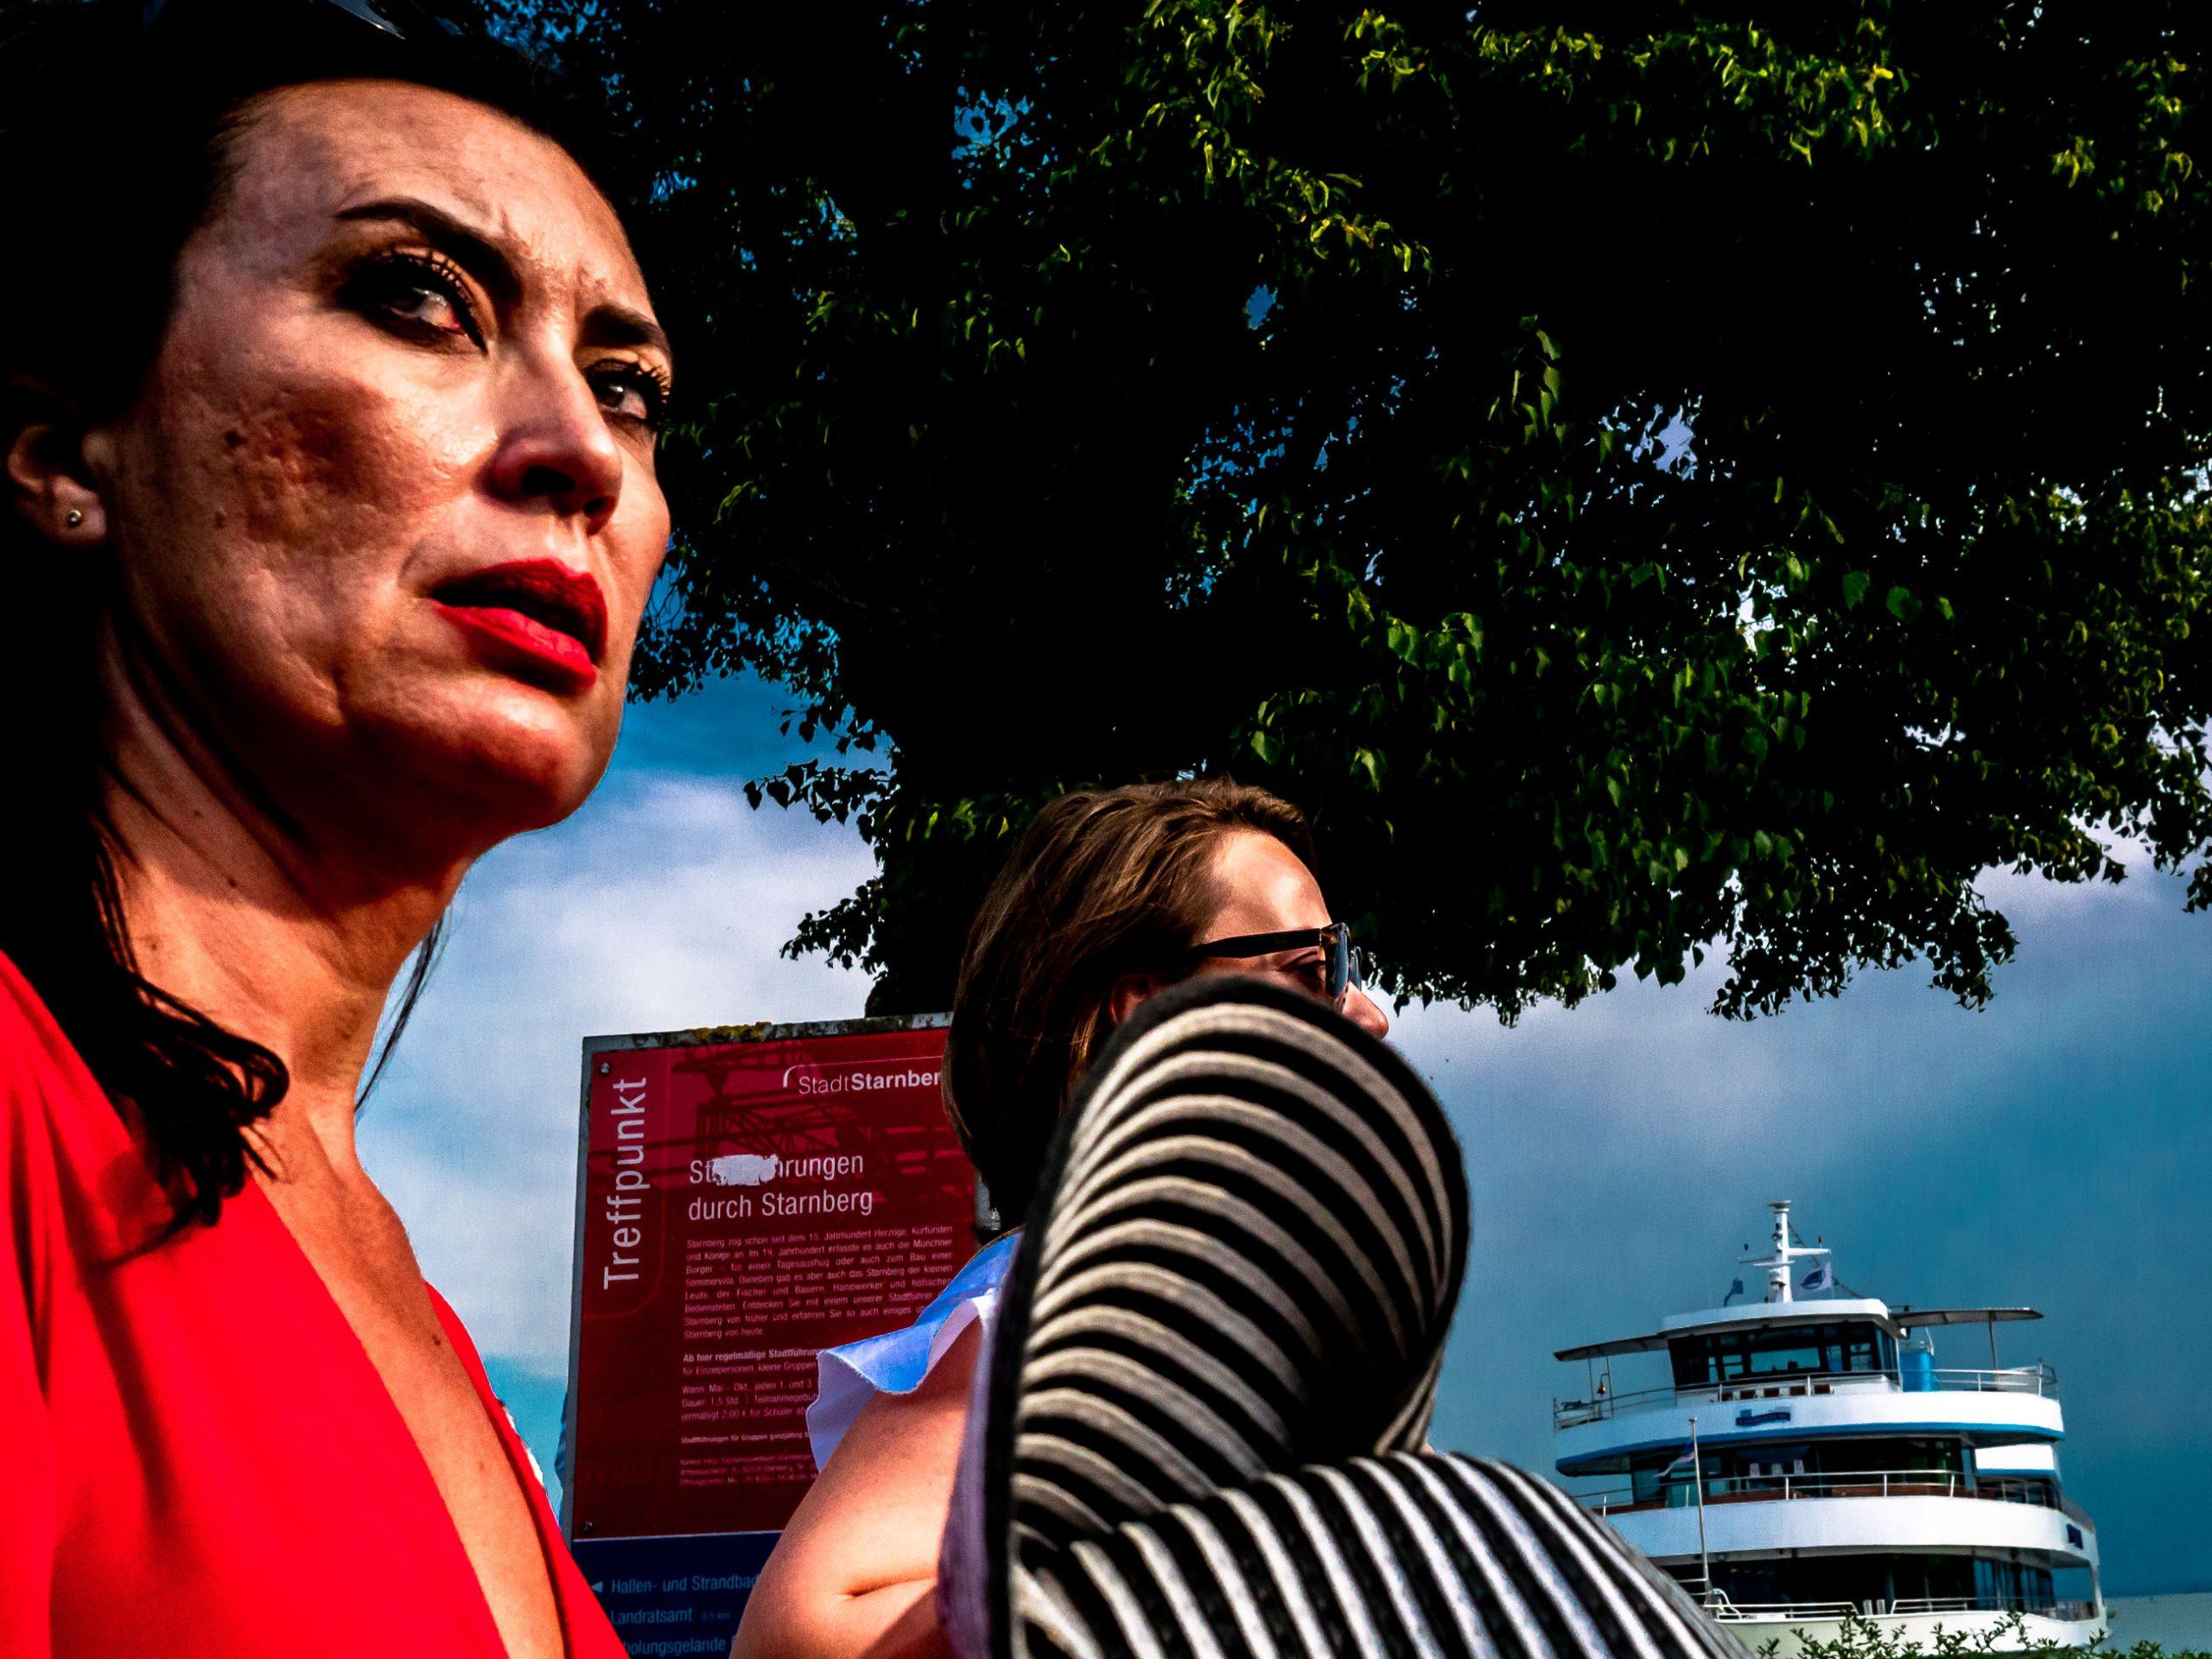 Frau schaut kritisch - Menschen auf der Strandpromenade in Starnberg am See in Bayern